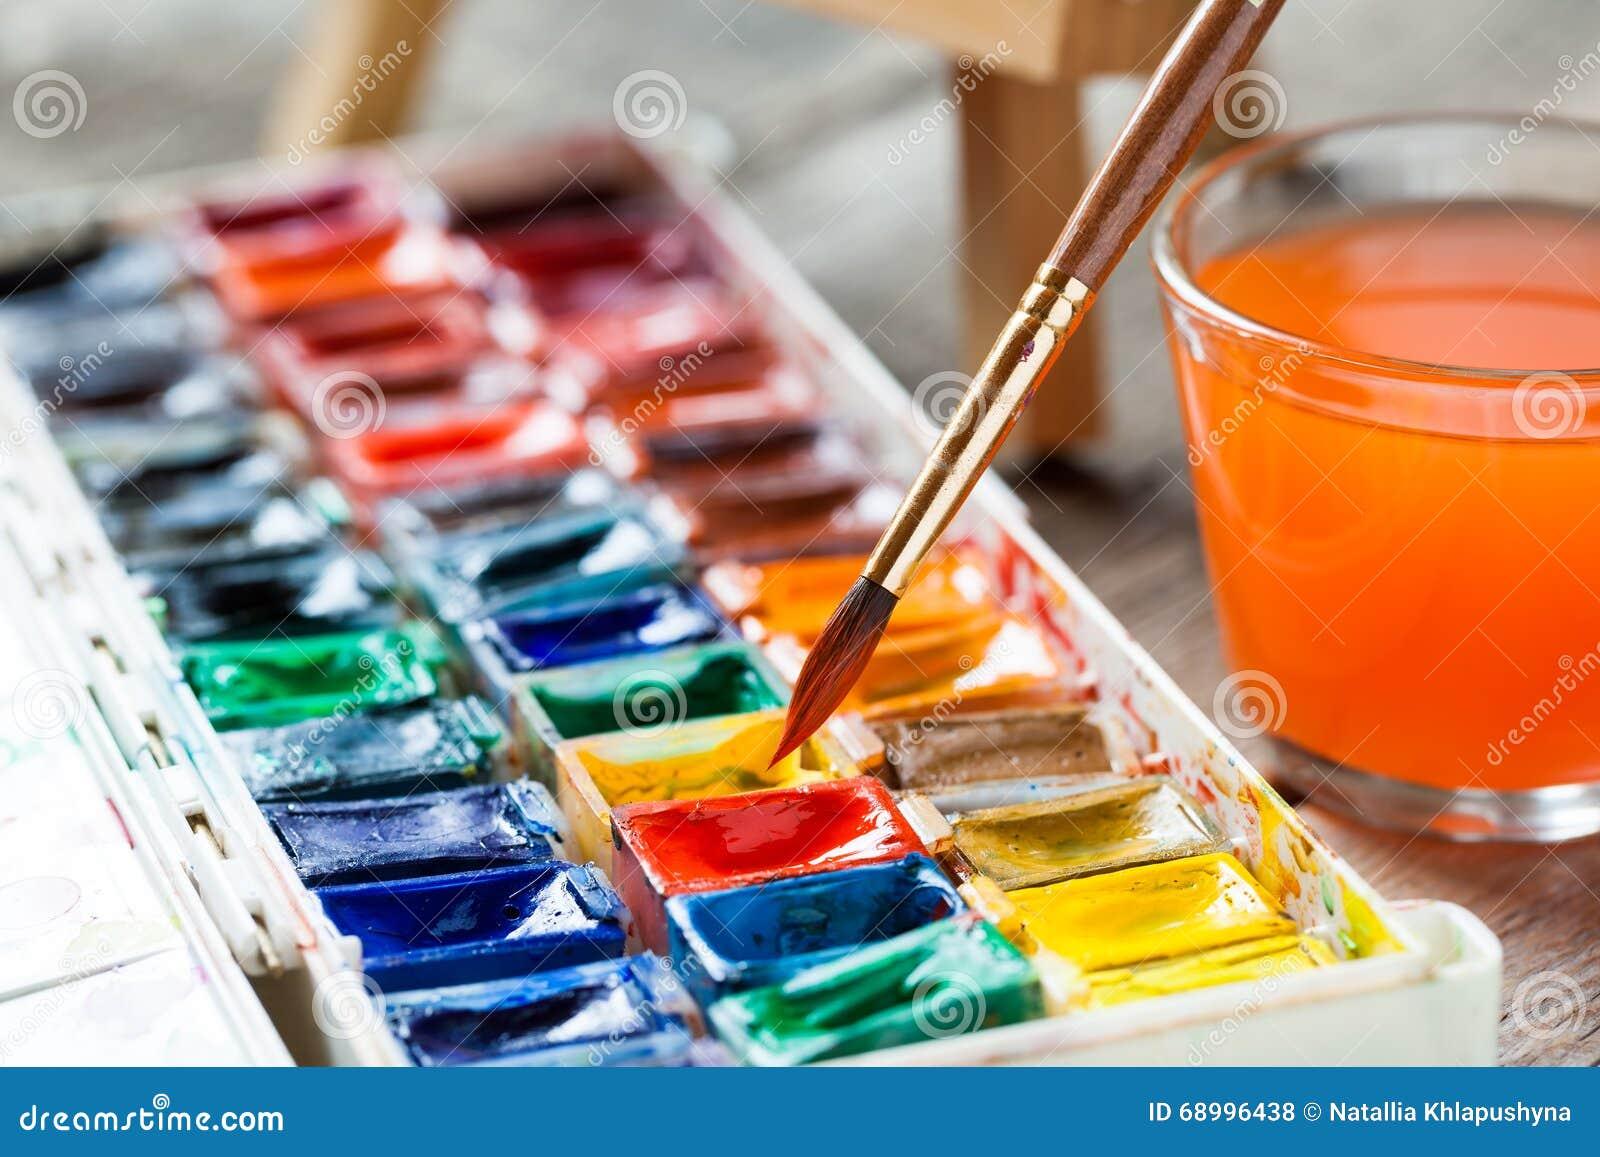 Akwareli paintbrushes dla malować zbliżenie i farby